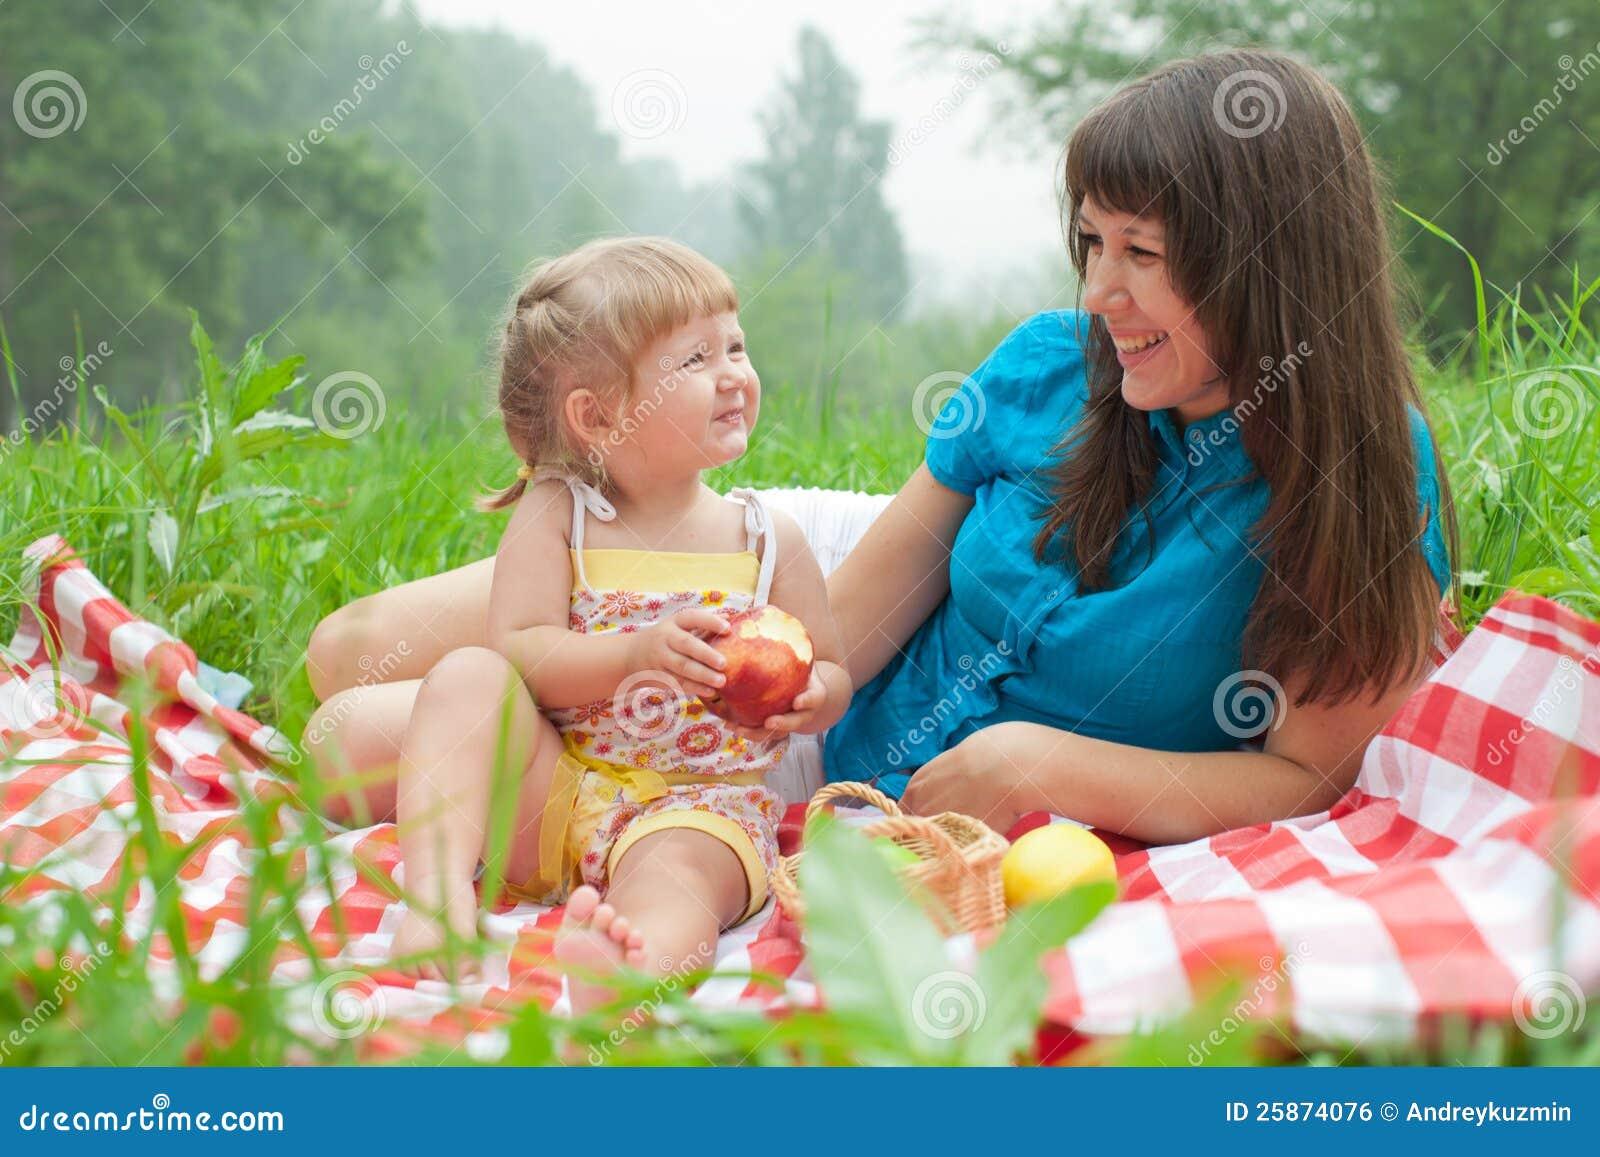 С мамочками на пикнике 7 фотография